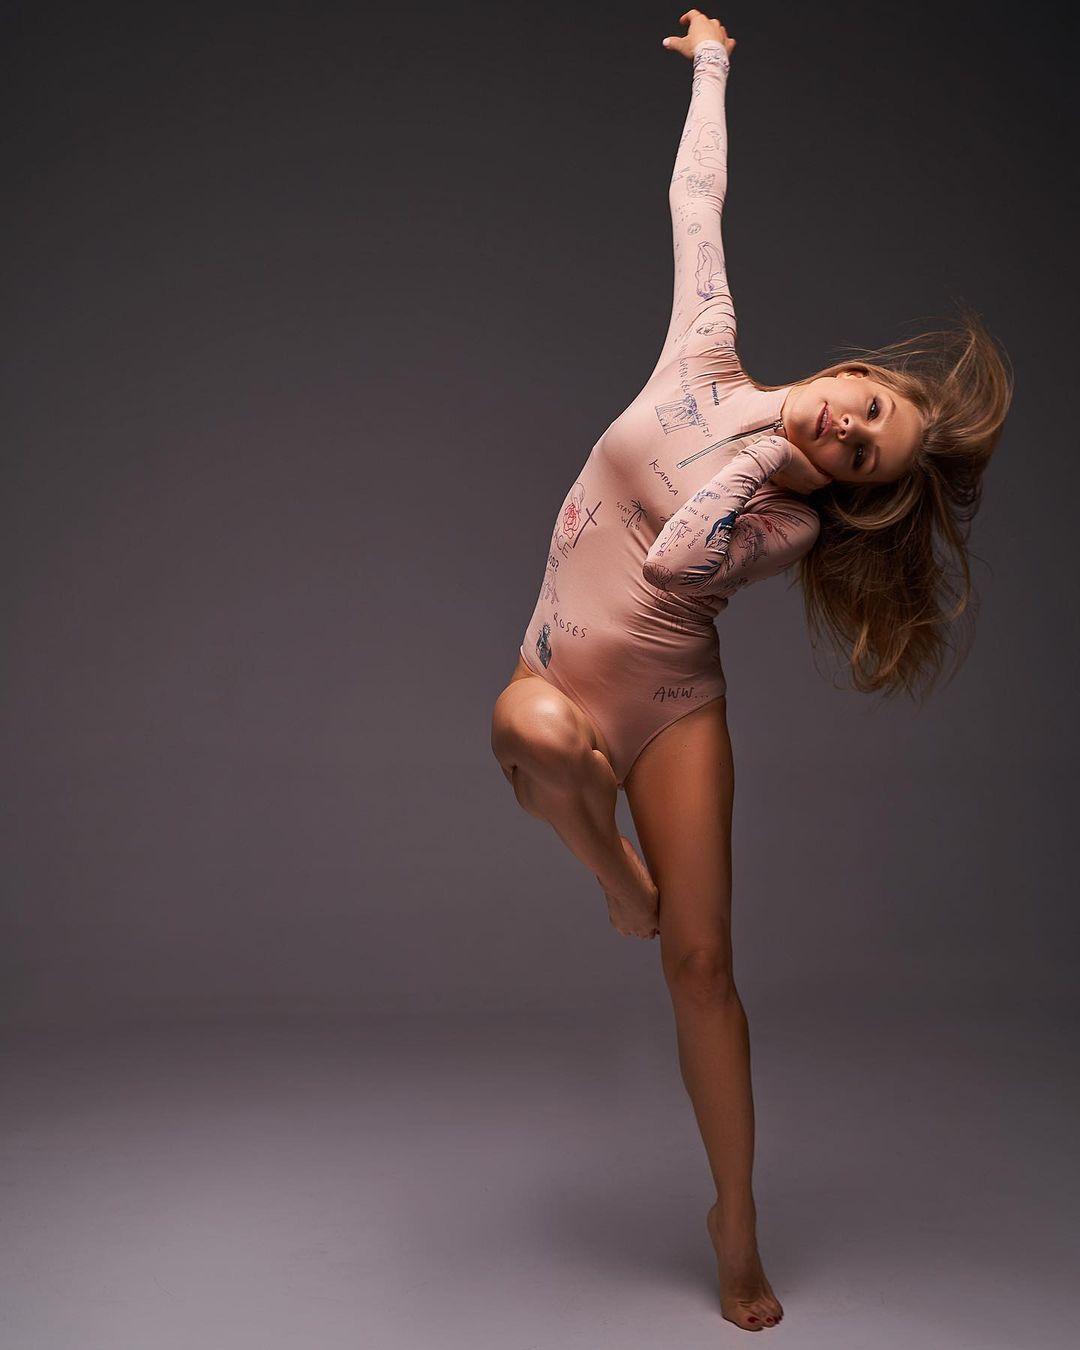 Сплошное совершенство: Алена Шоптенко красовалась идеальной фигурой в откровенном боди